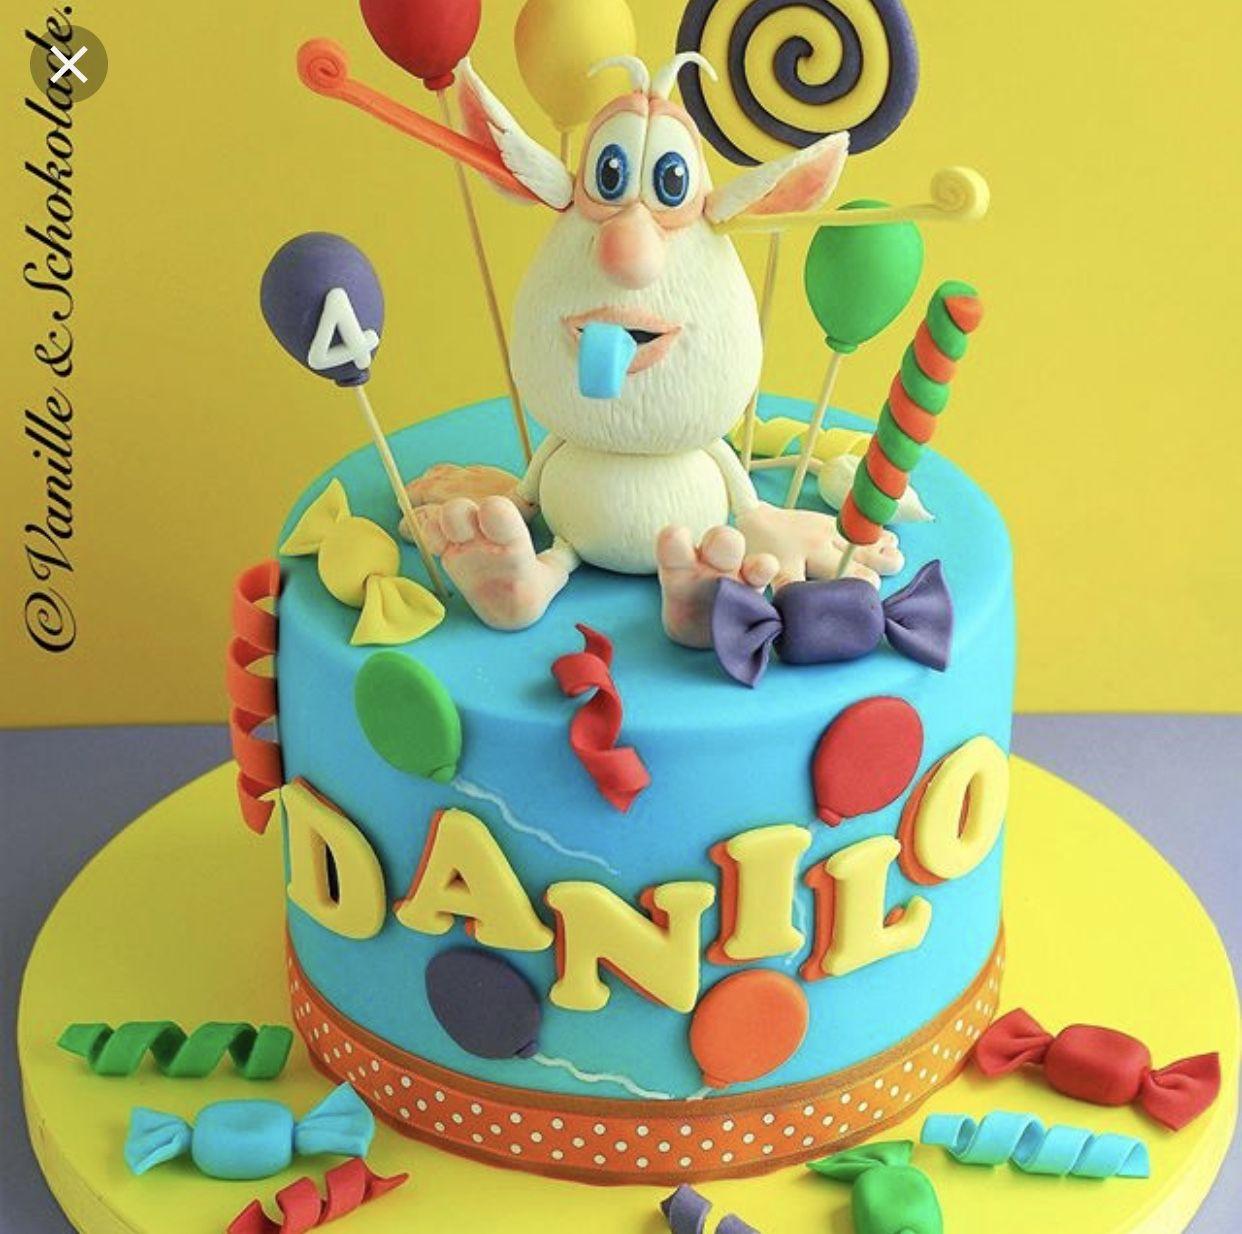 Pin By Melissa Werder On Booba Birthday Ideas Twin Birthday Cakes Cartoon Cake Boy Birthday Cake